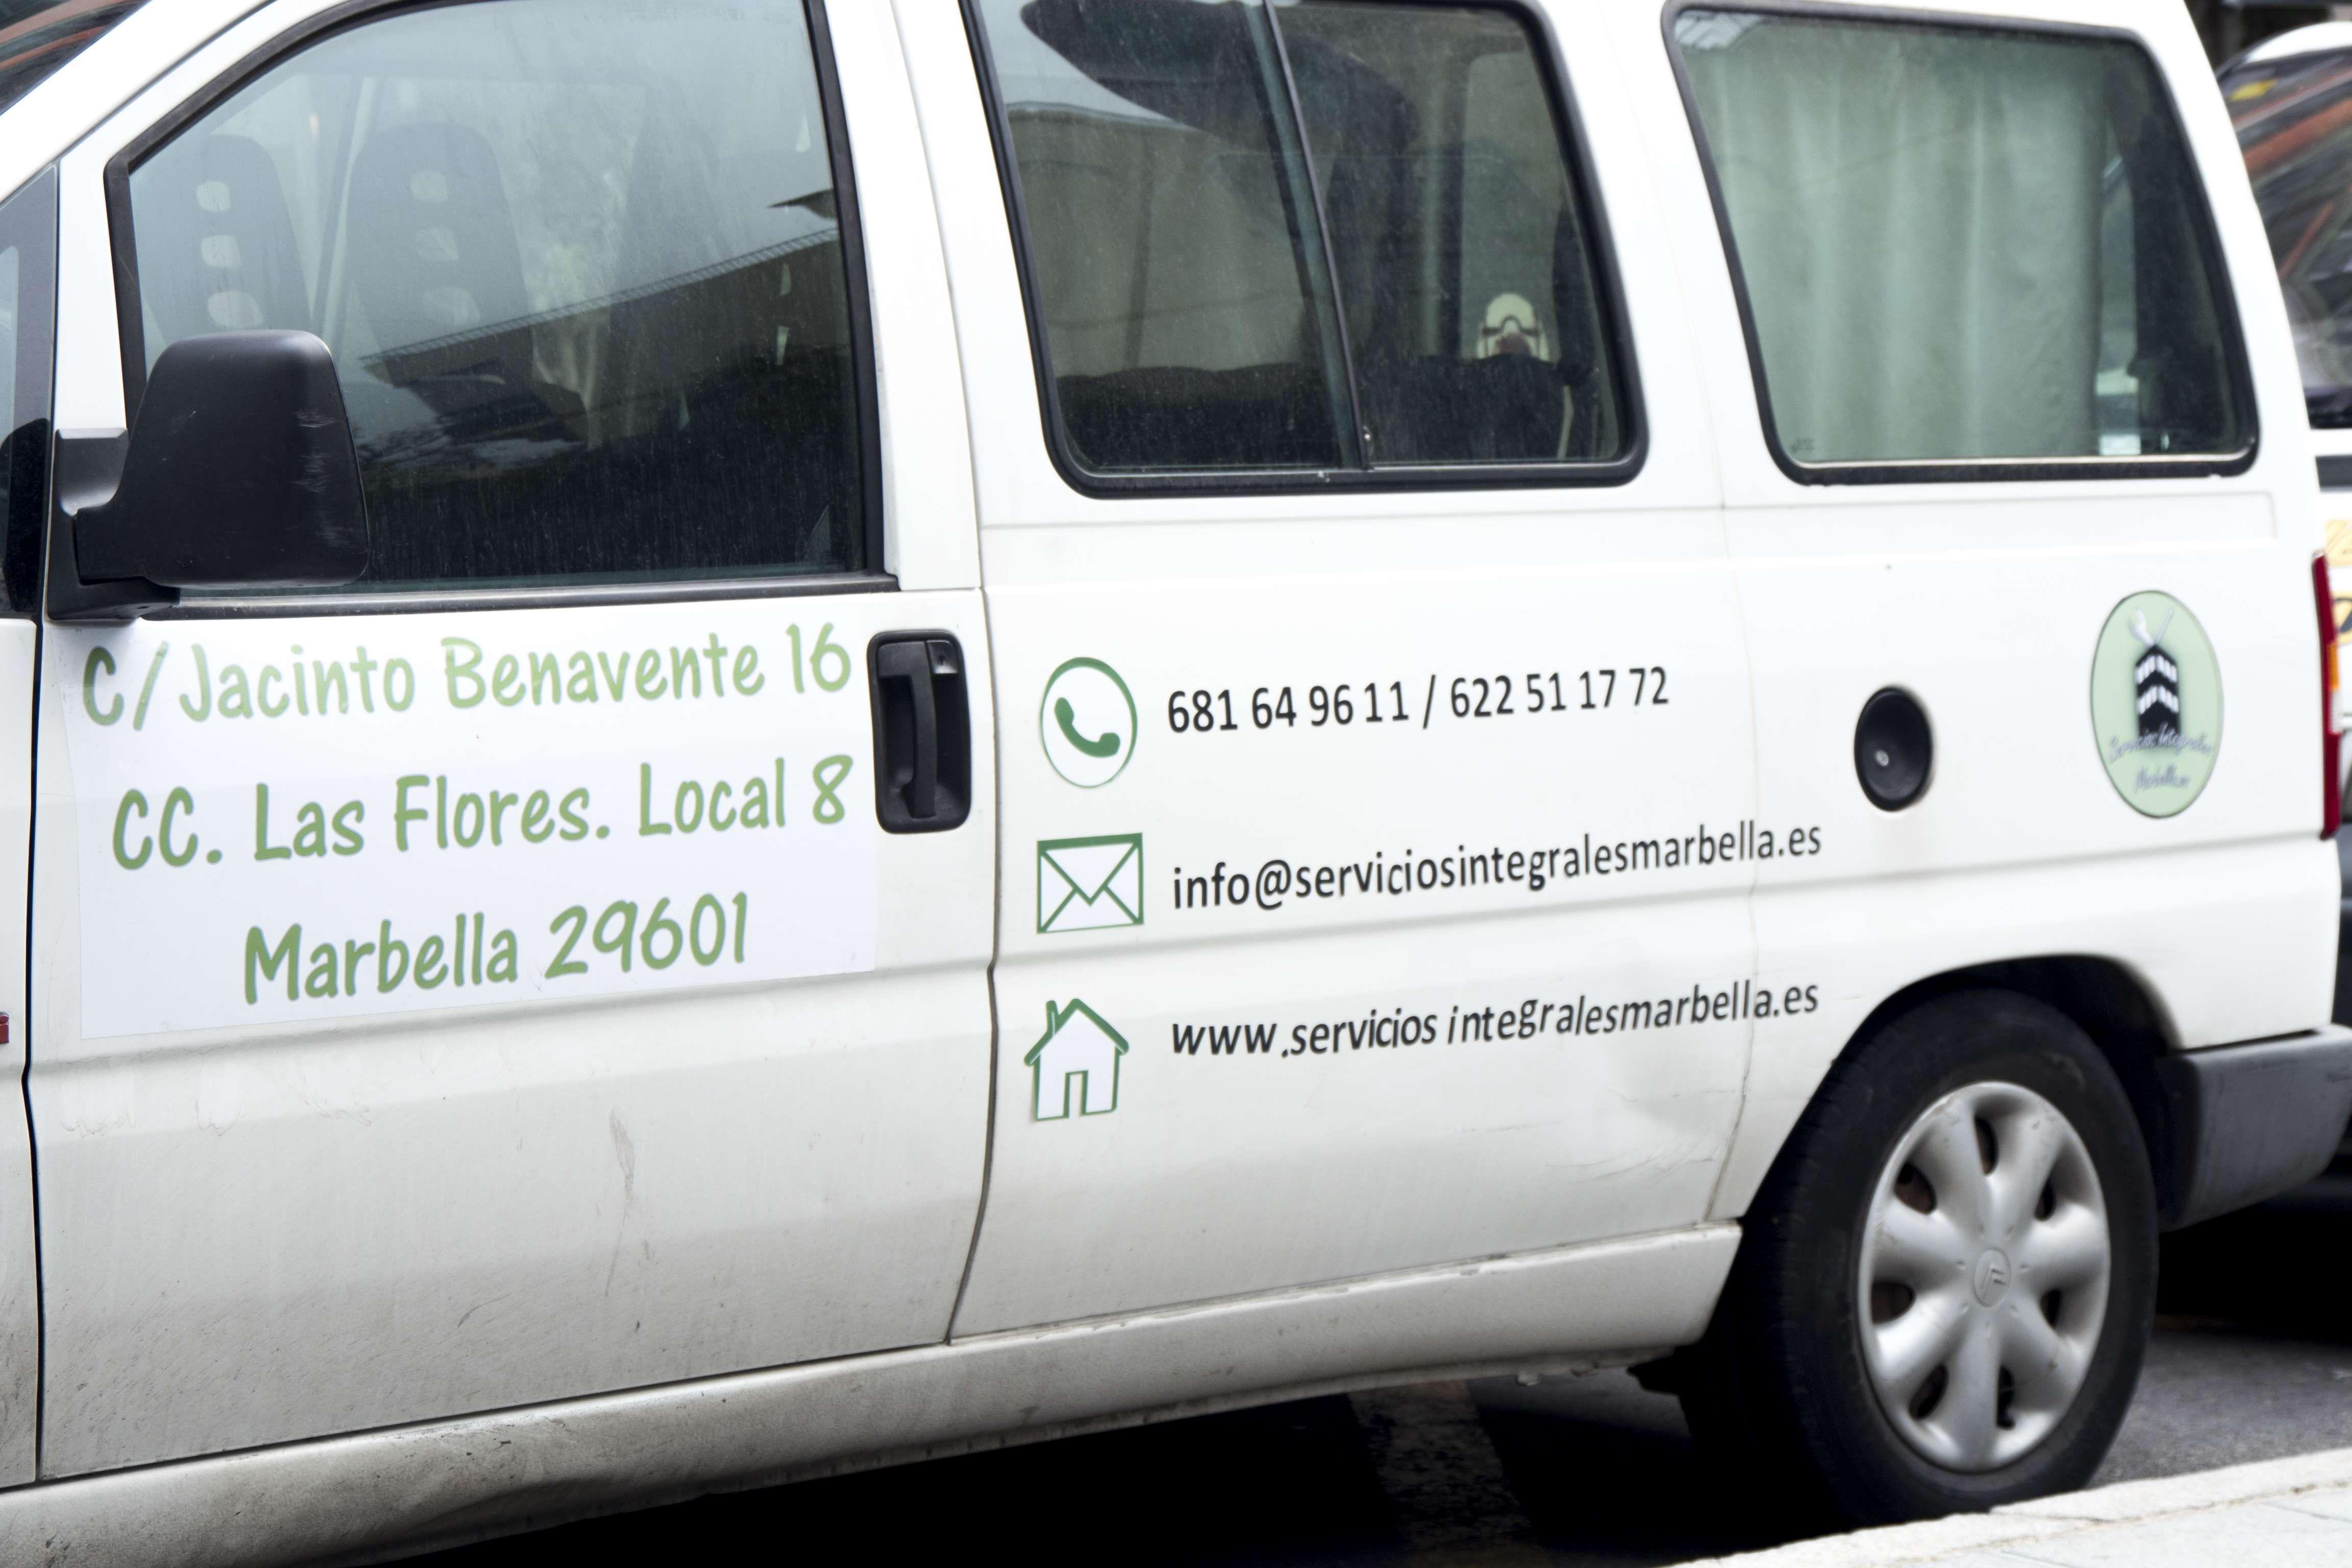 Mantenimiento de comunidades en Marbella por profesionales expertos